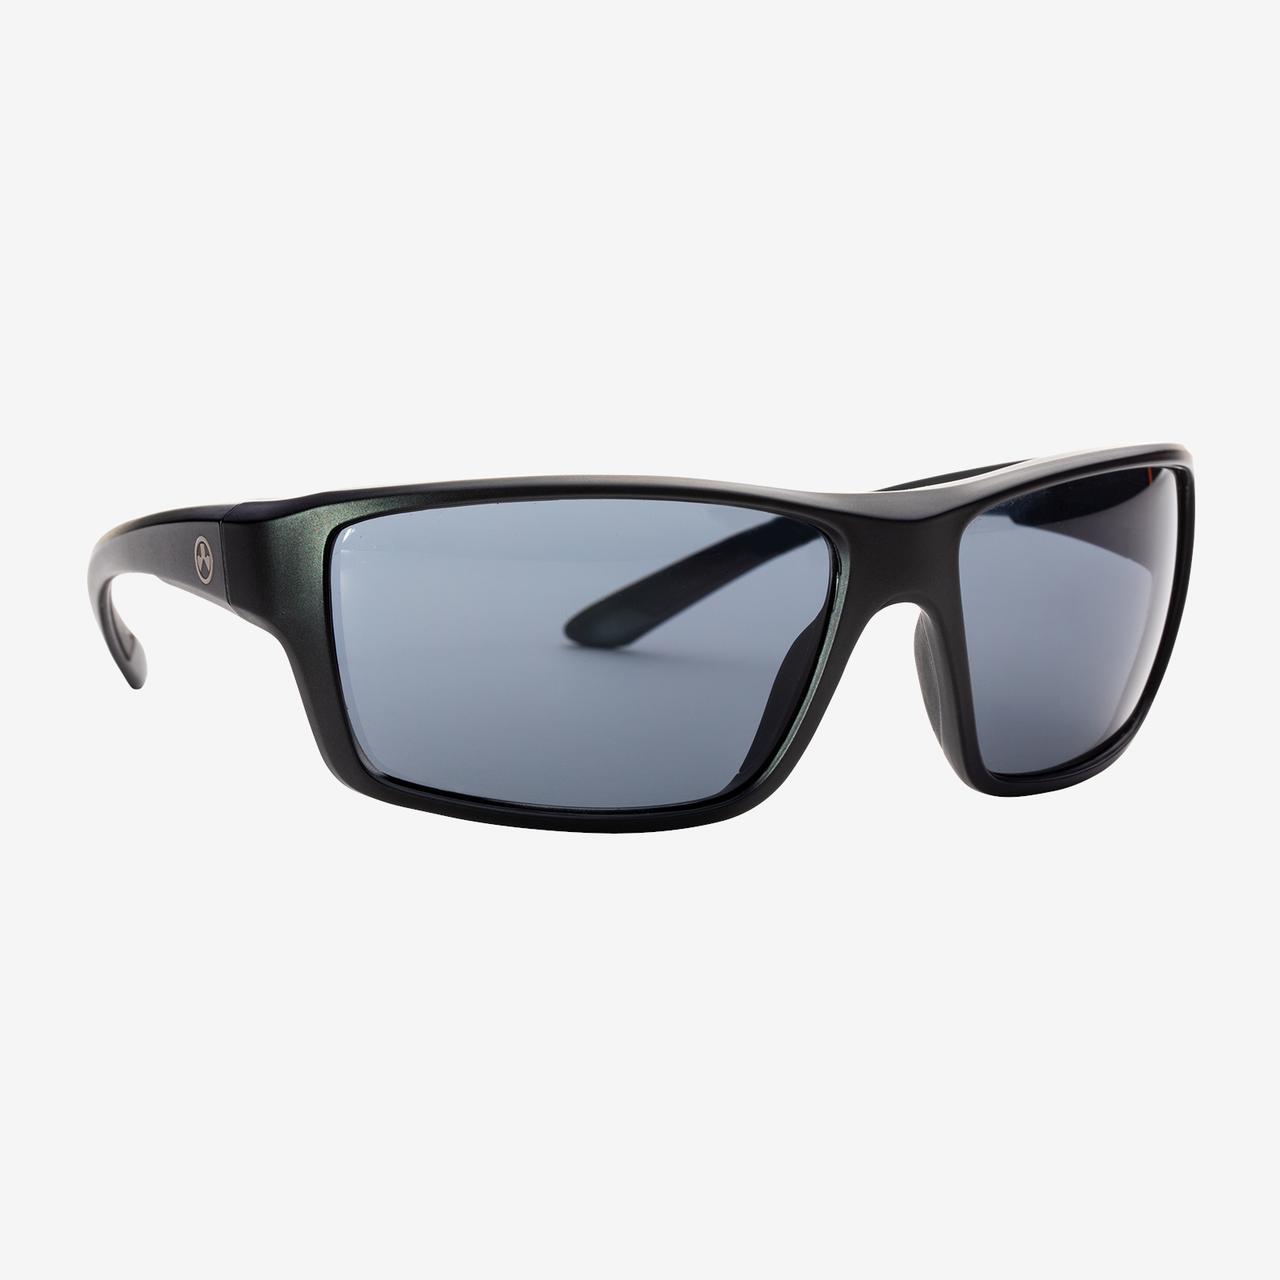 Magpul Summit Eyewear